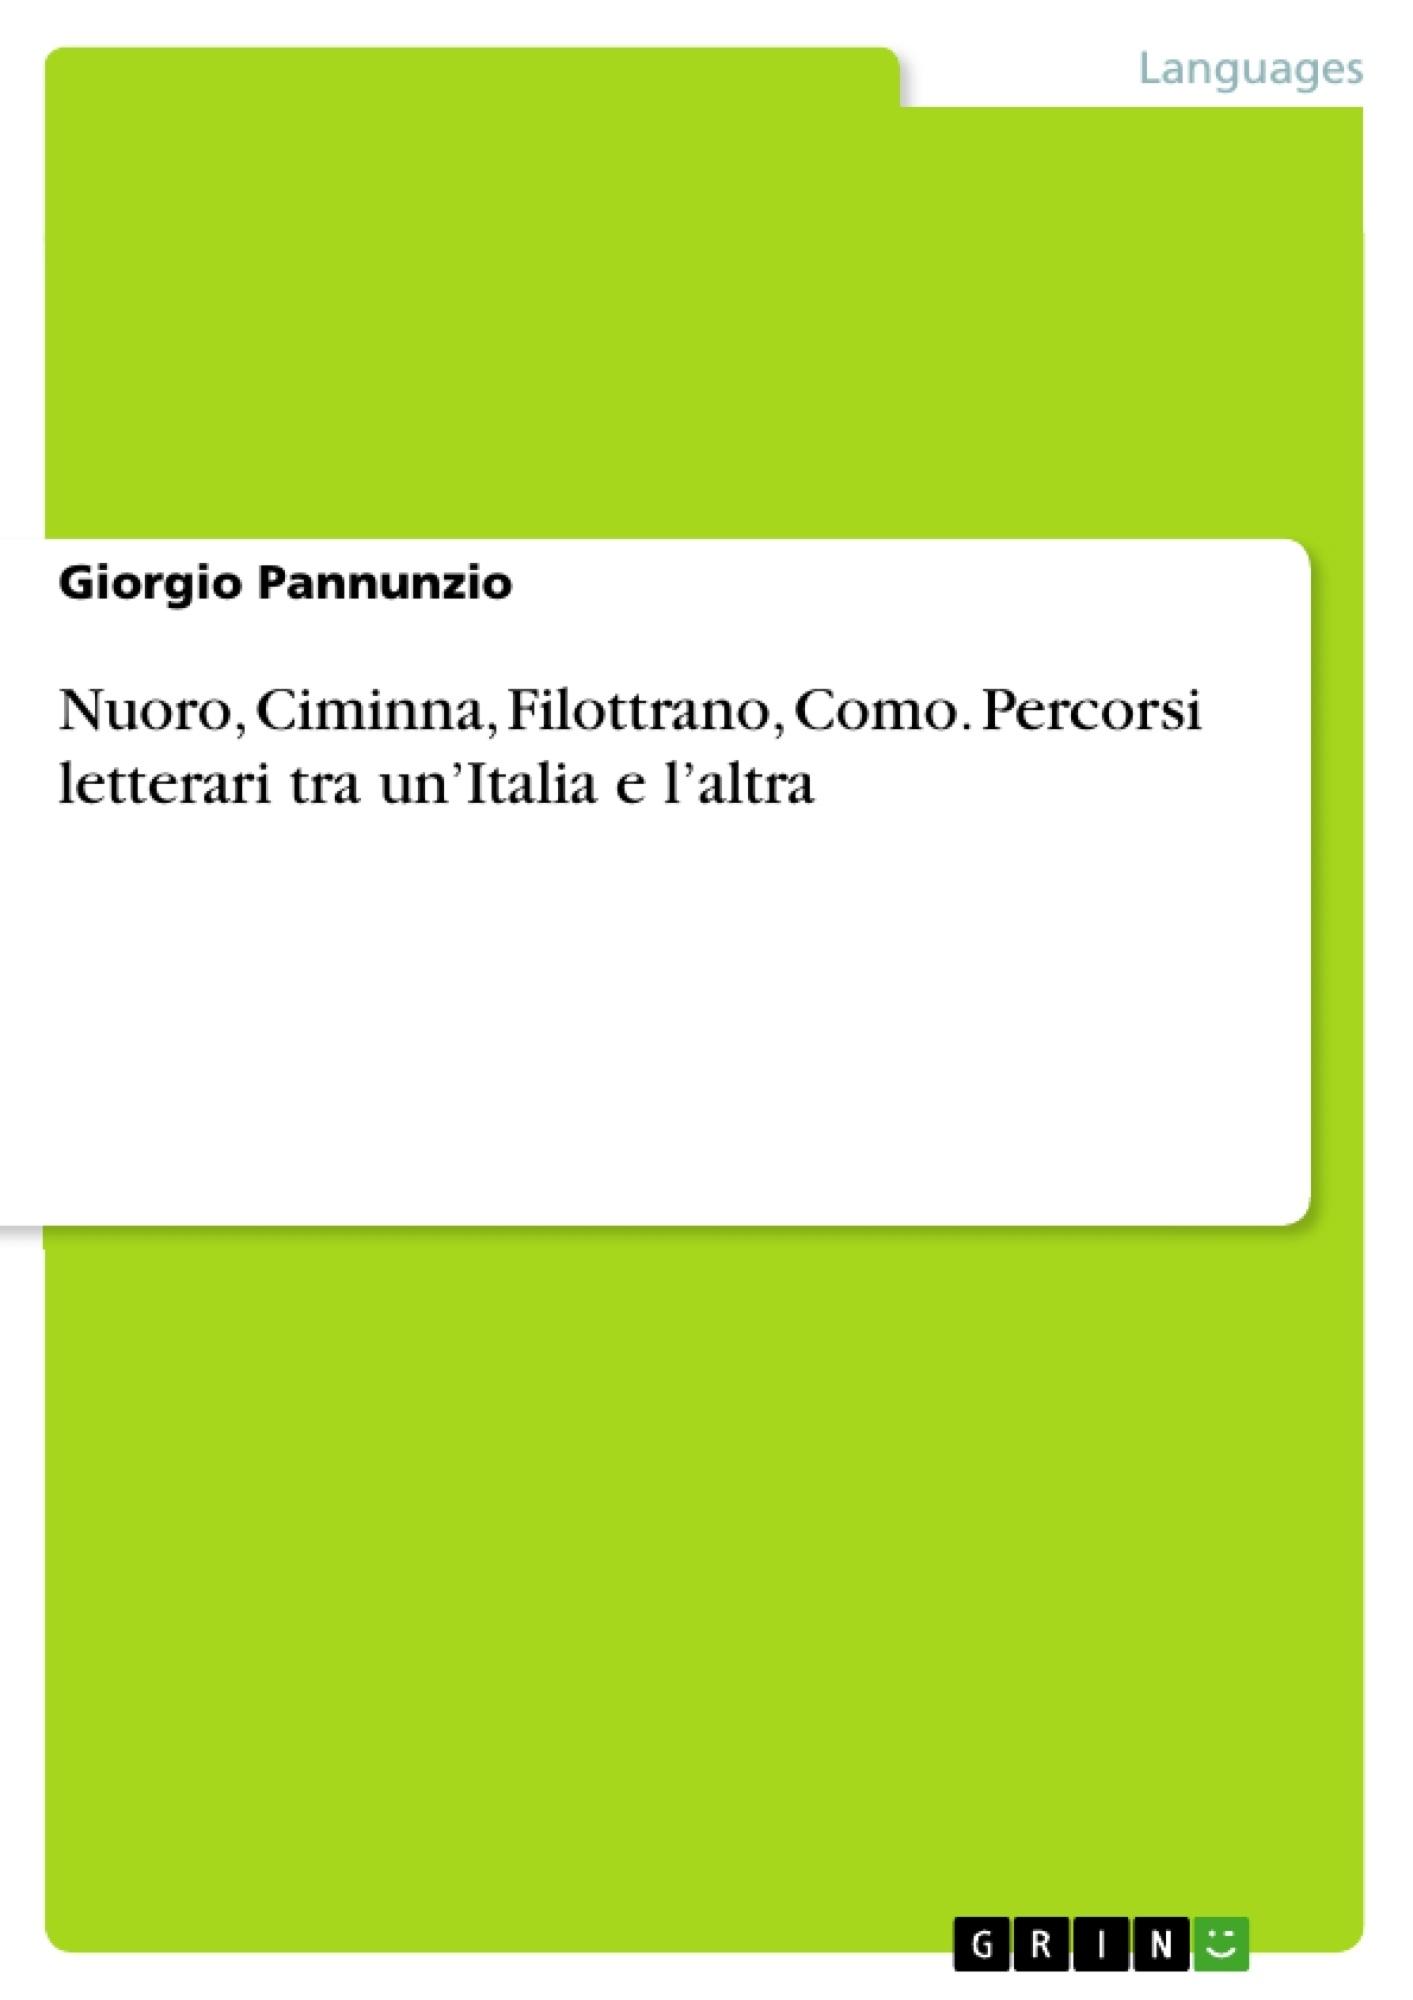 Title: Nuoro, Ciminna, Filottrano, Como. Percorsi letterari tra un'Italia e l'altra